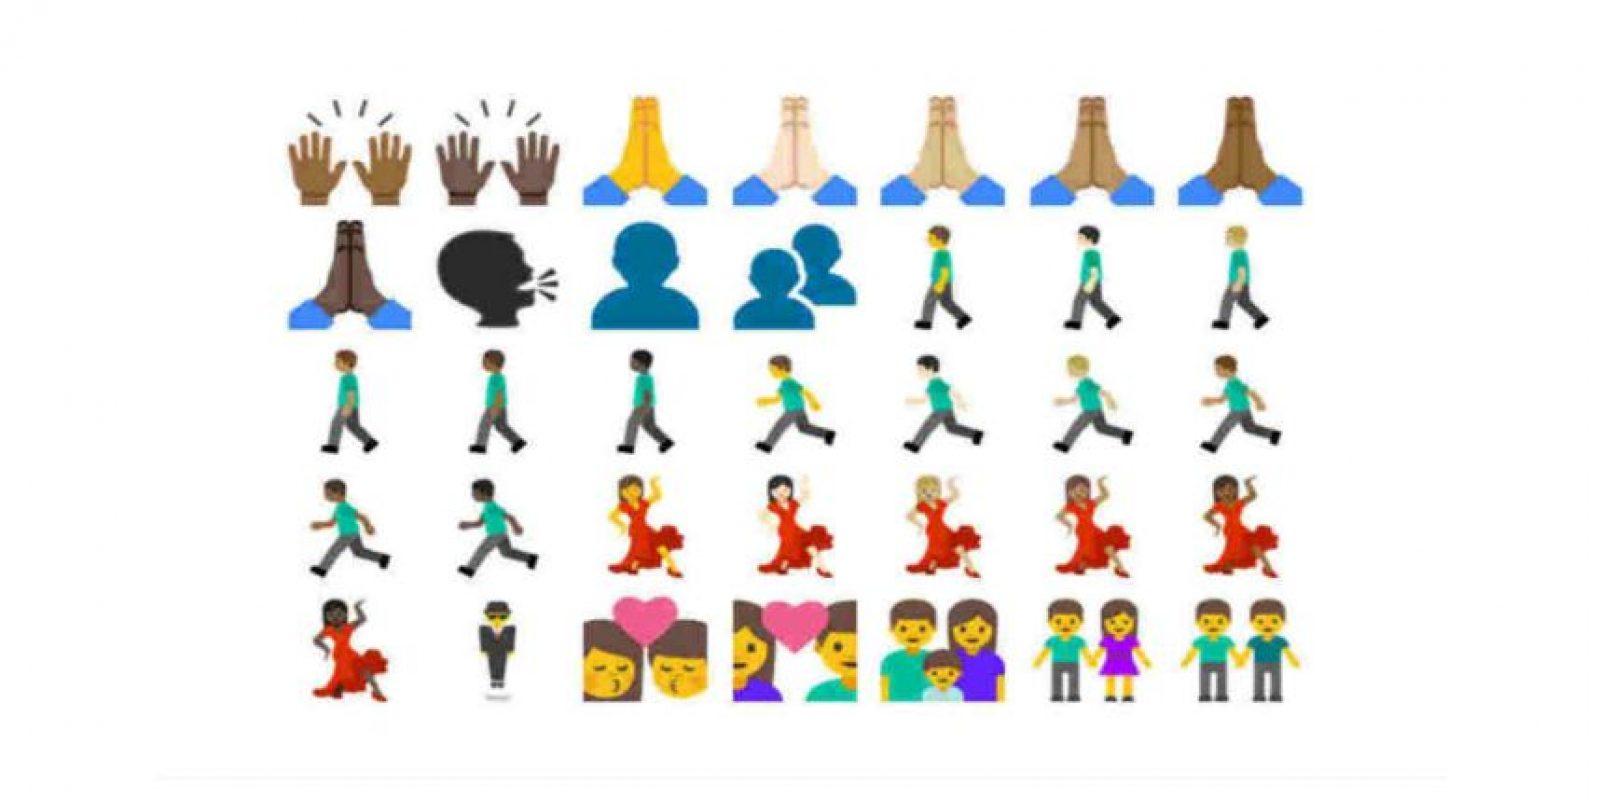 Se esperan nuevos emoticones para iOS y Android. Foto:Emojipedia. Imagen Por: